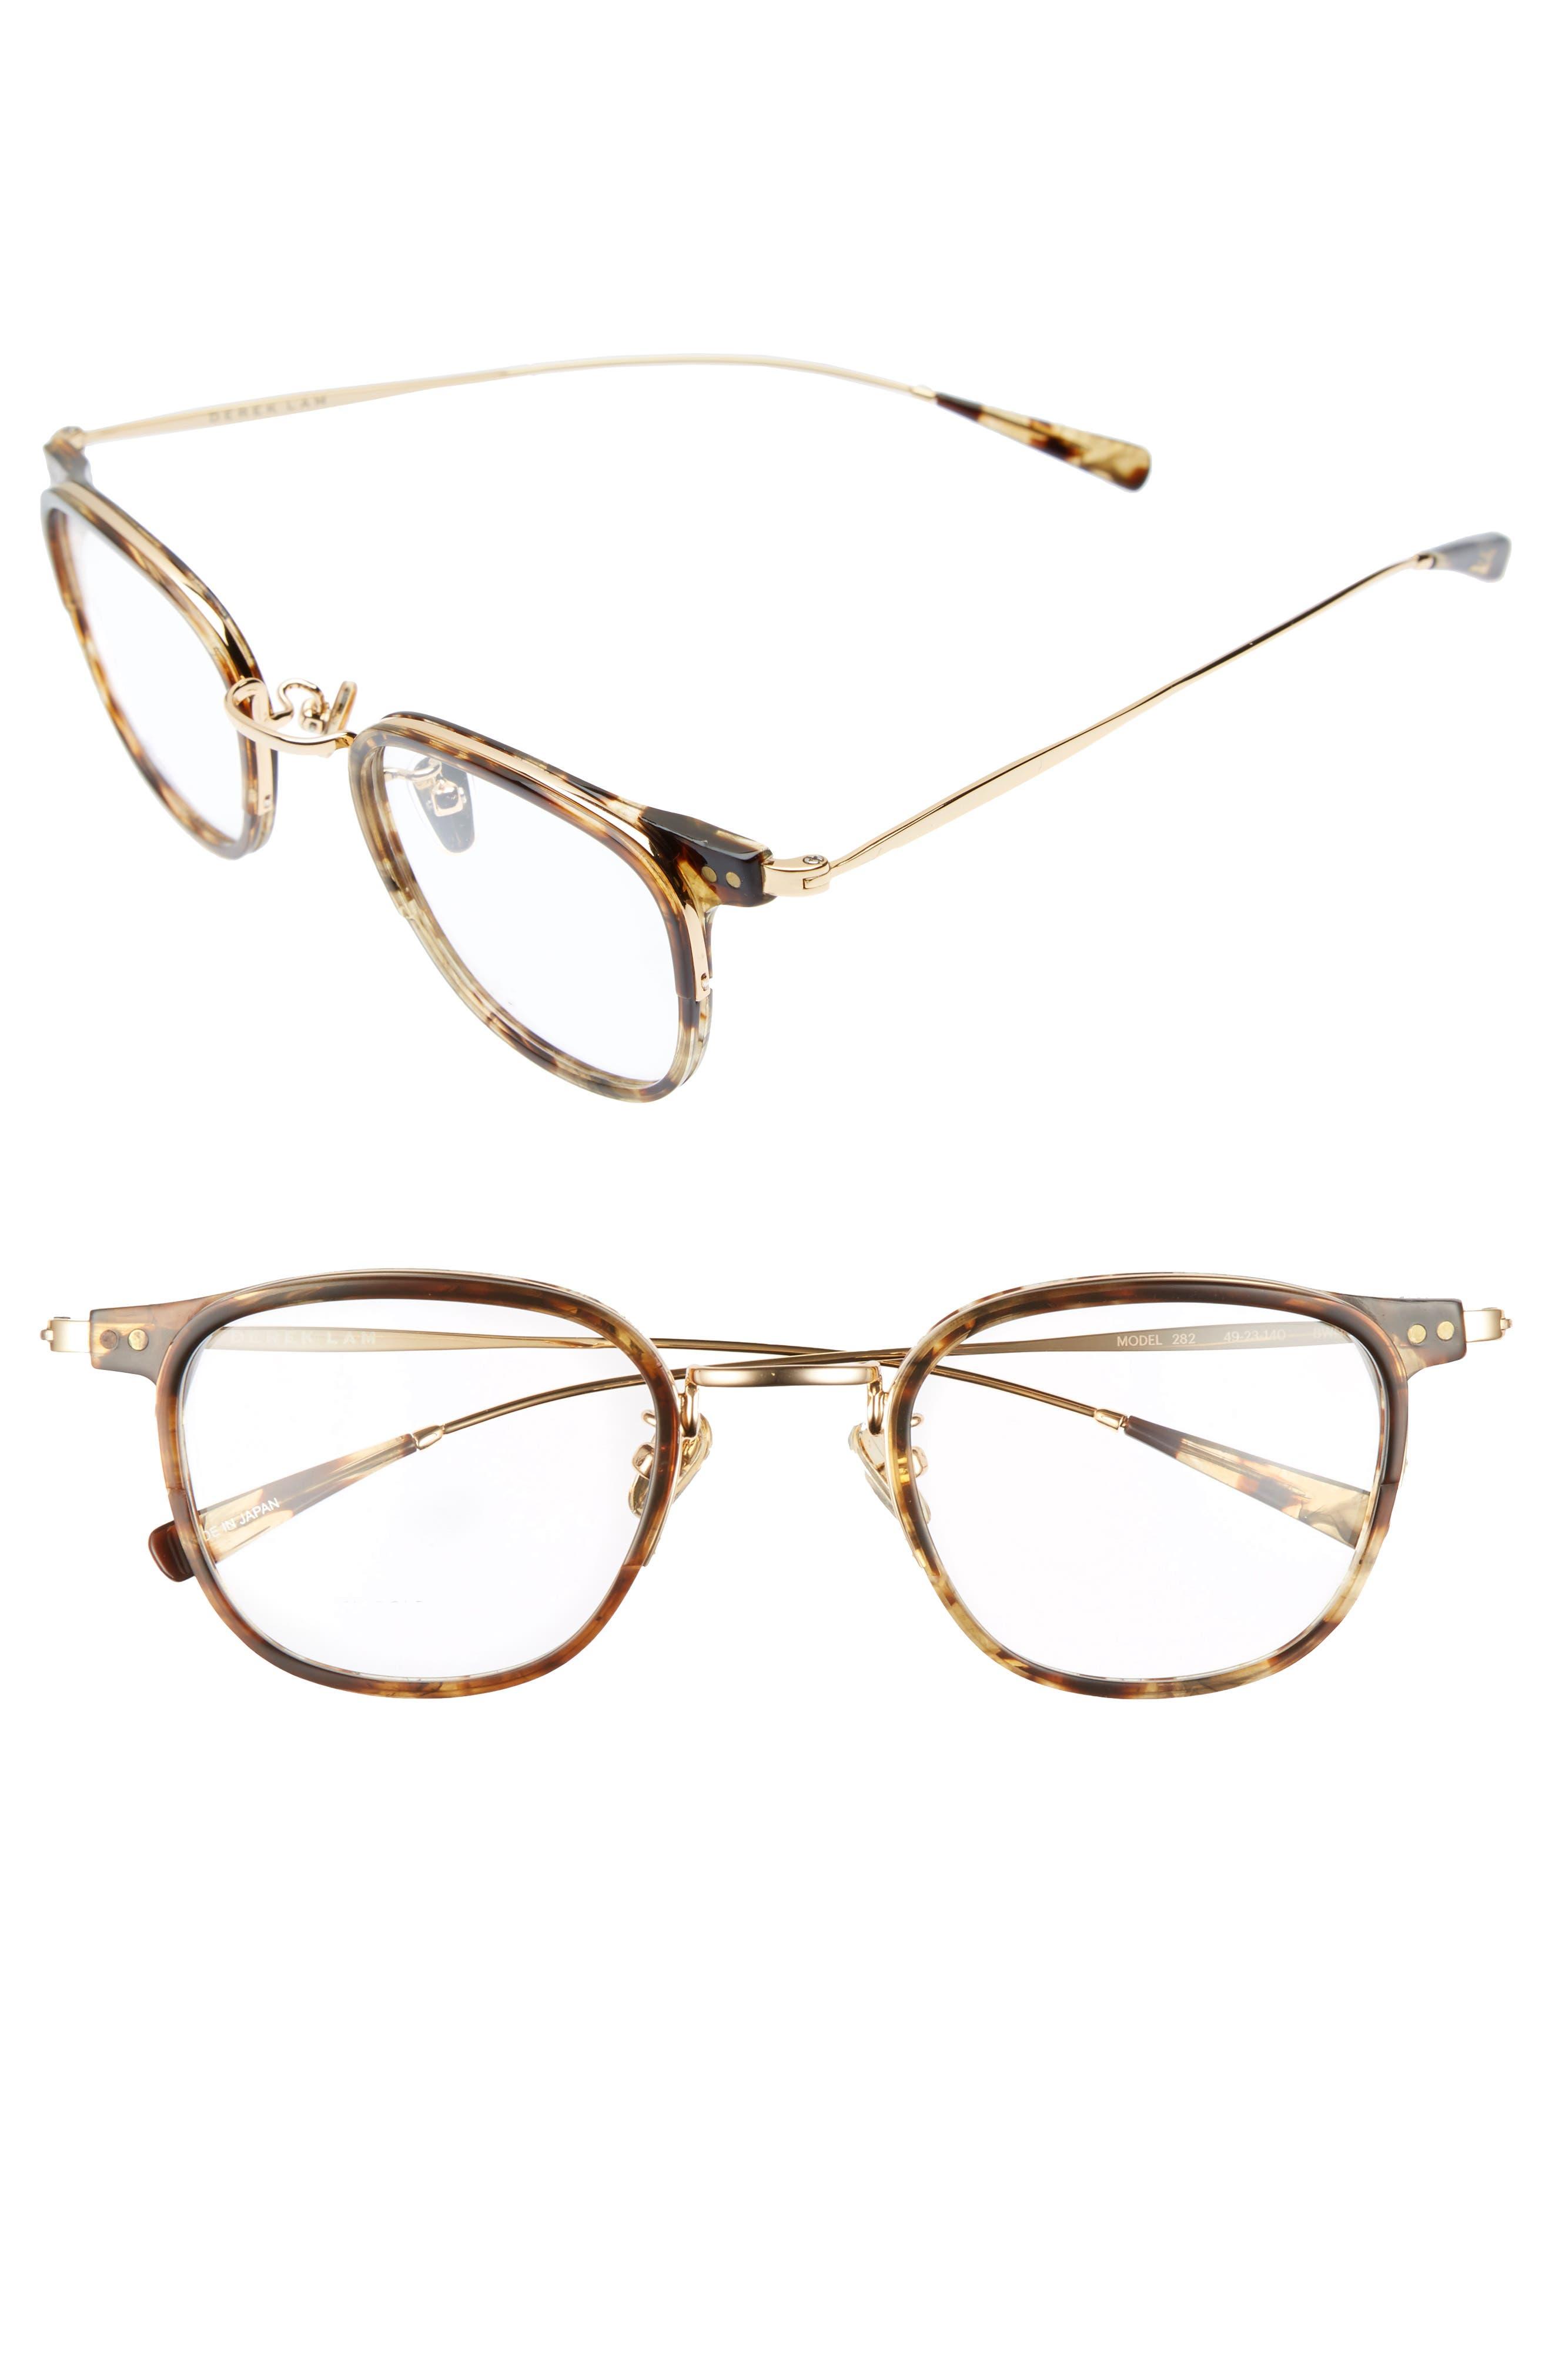 Alternate Image 1 Selected - Derek Lam 49mm Optical Glasses